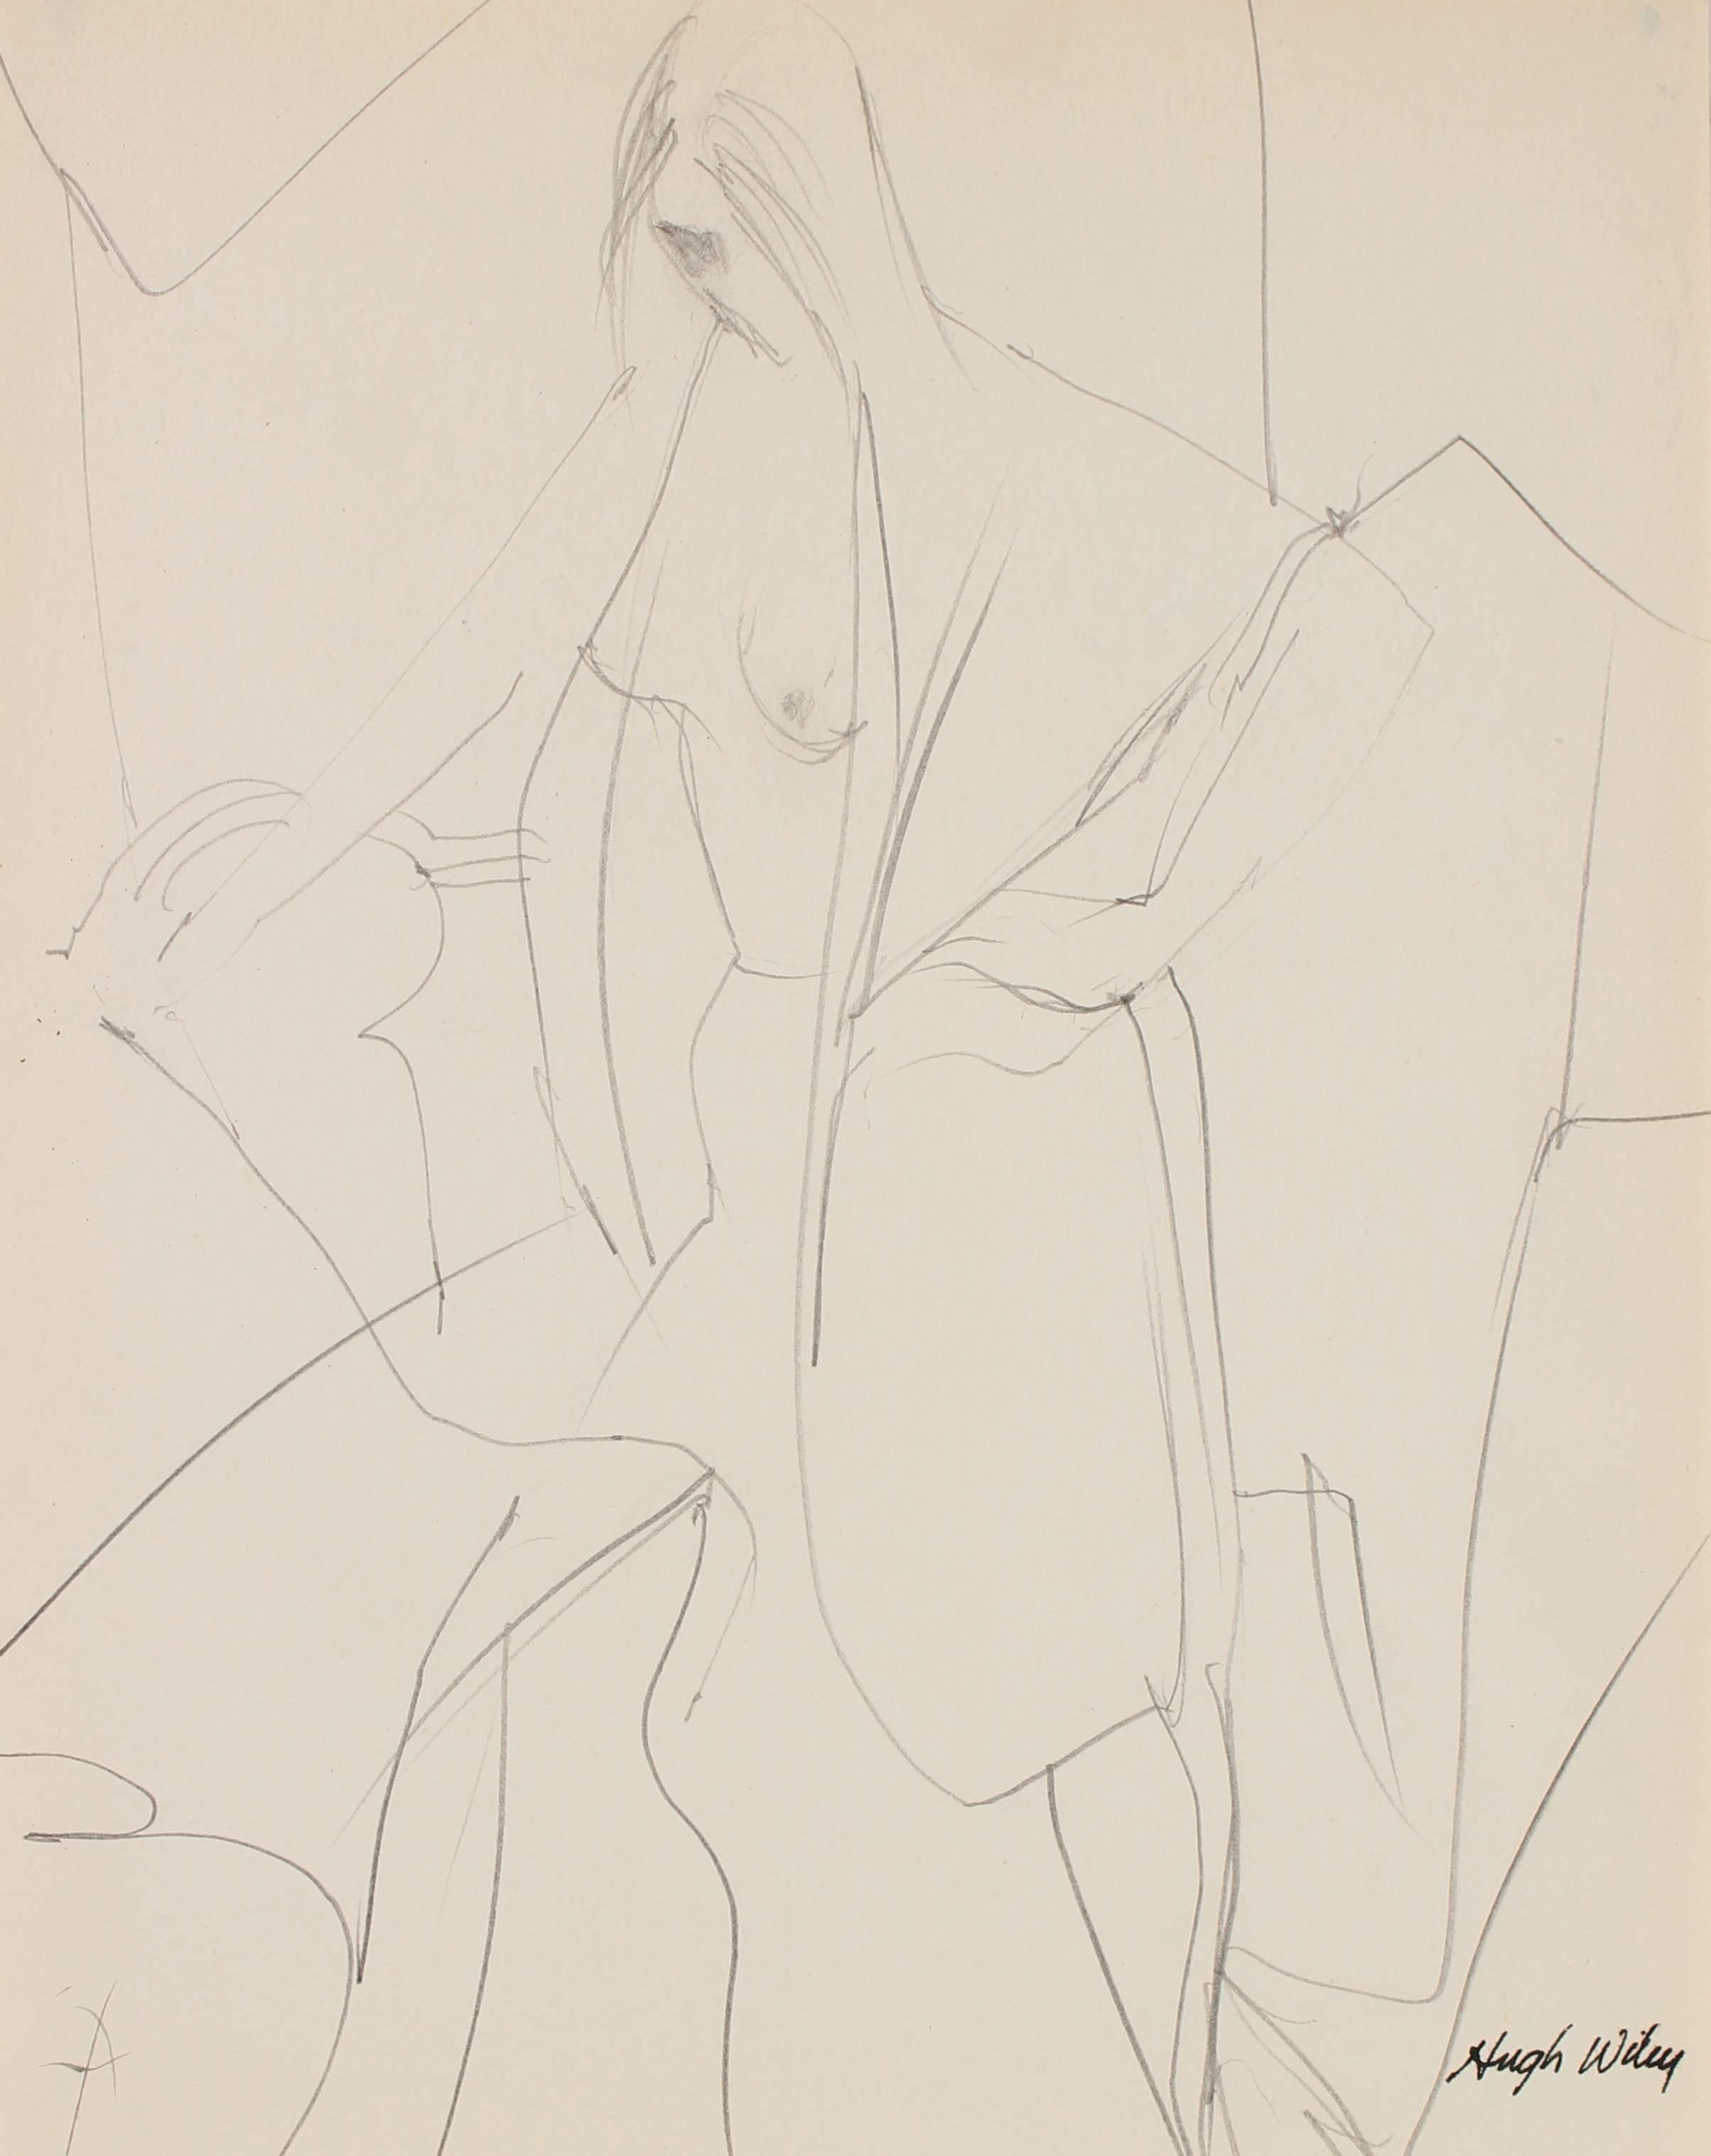 Draped Nude Figure in Graphite, 1960-1961